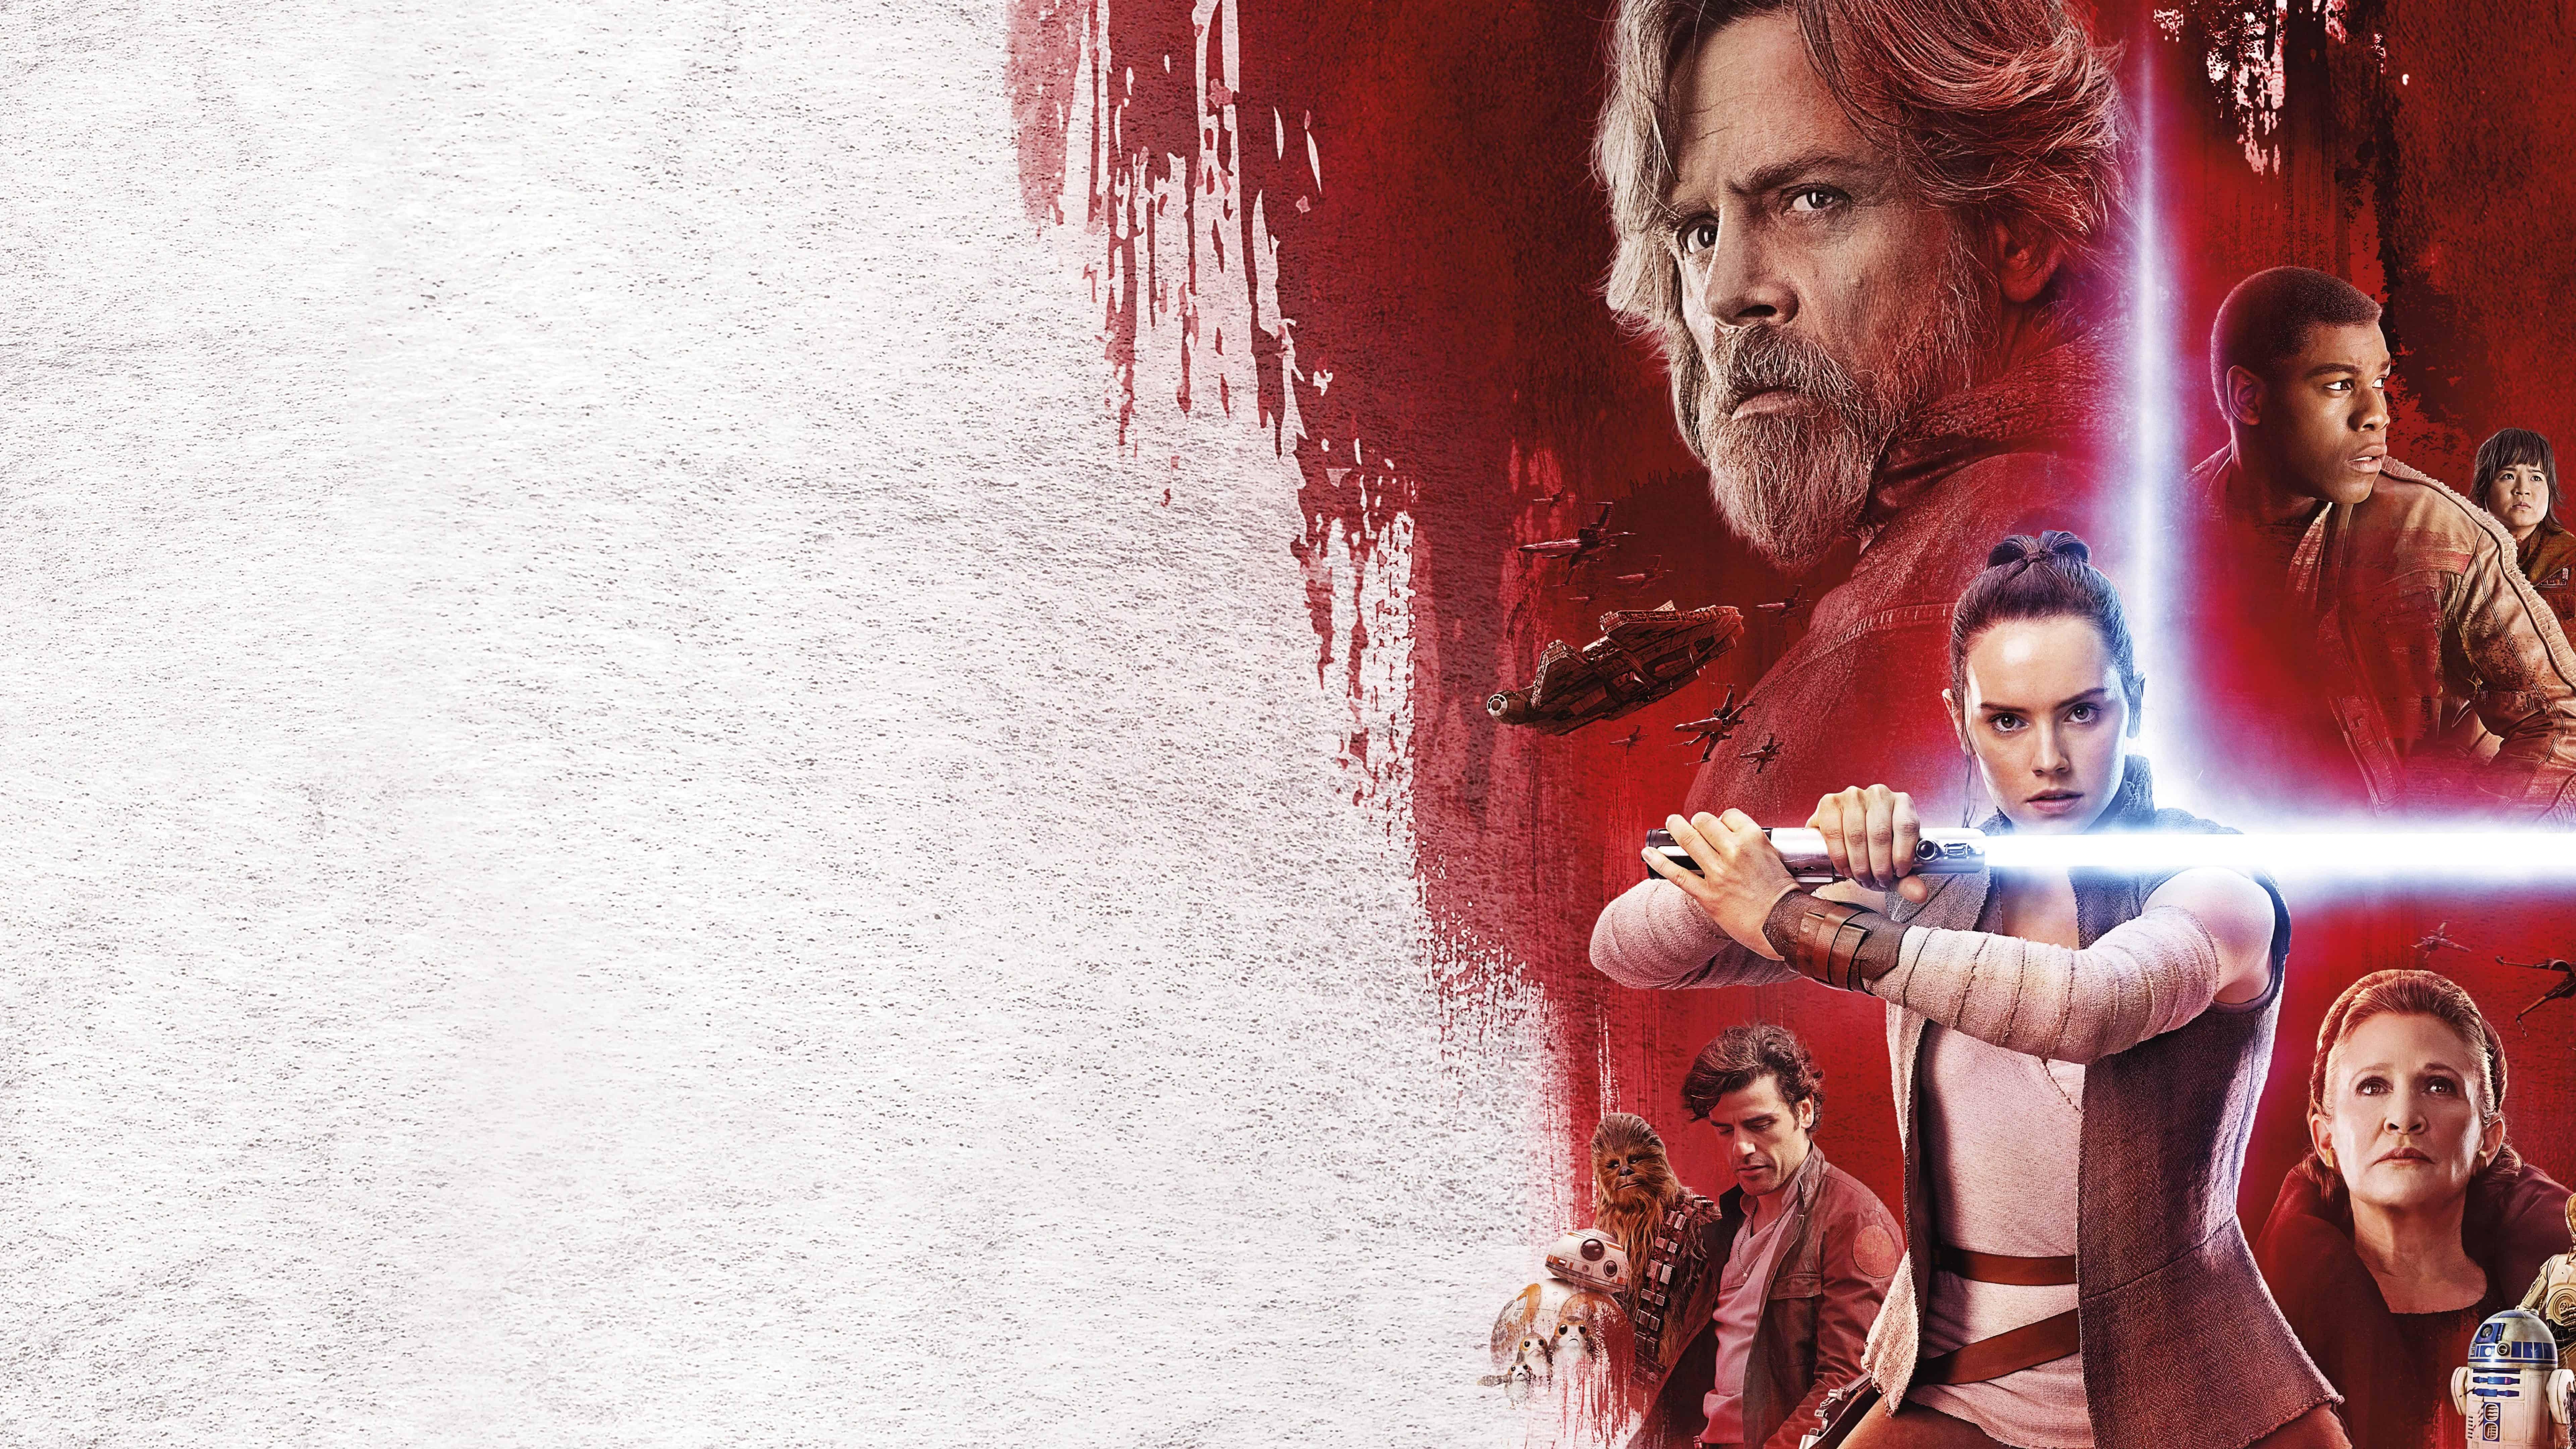 Star Wars Episode 8 The Last Jedi Uhd 8k Wallpaper Star Wars Wallpaper The Last Jedi 7680x4320 Wallpaper Teahub Io